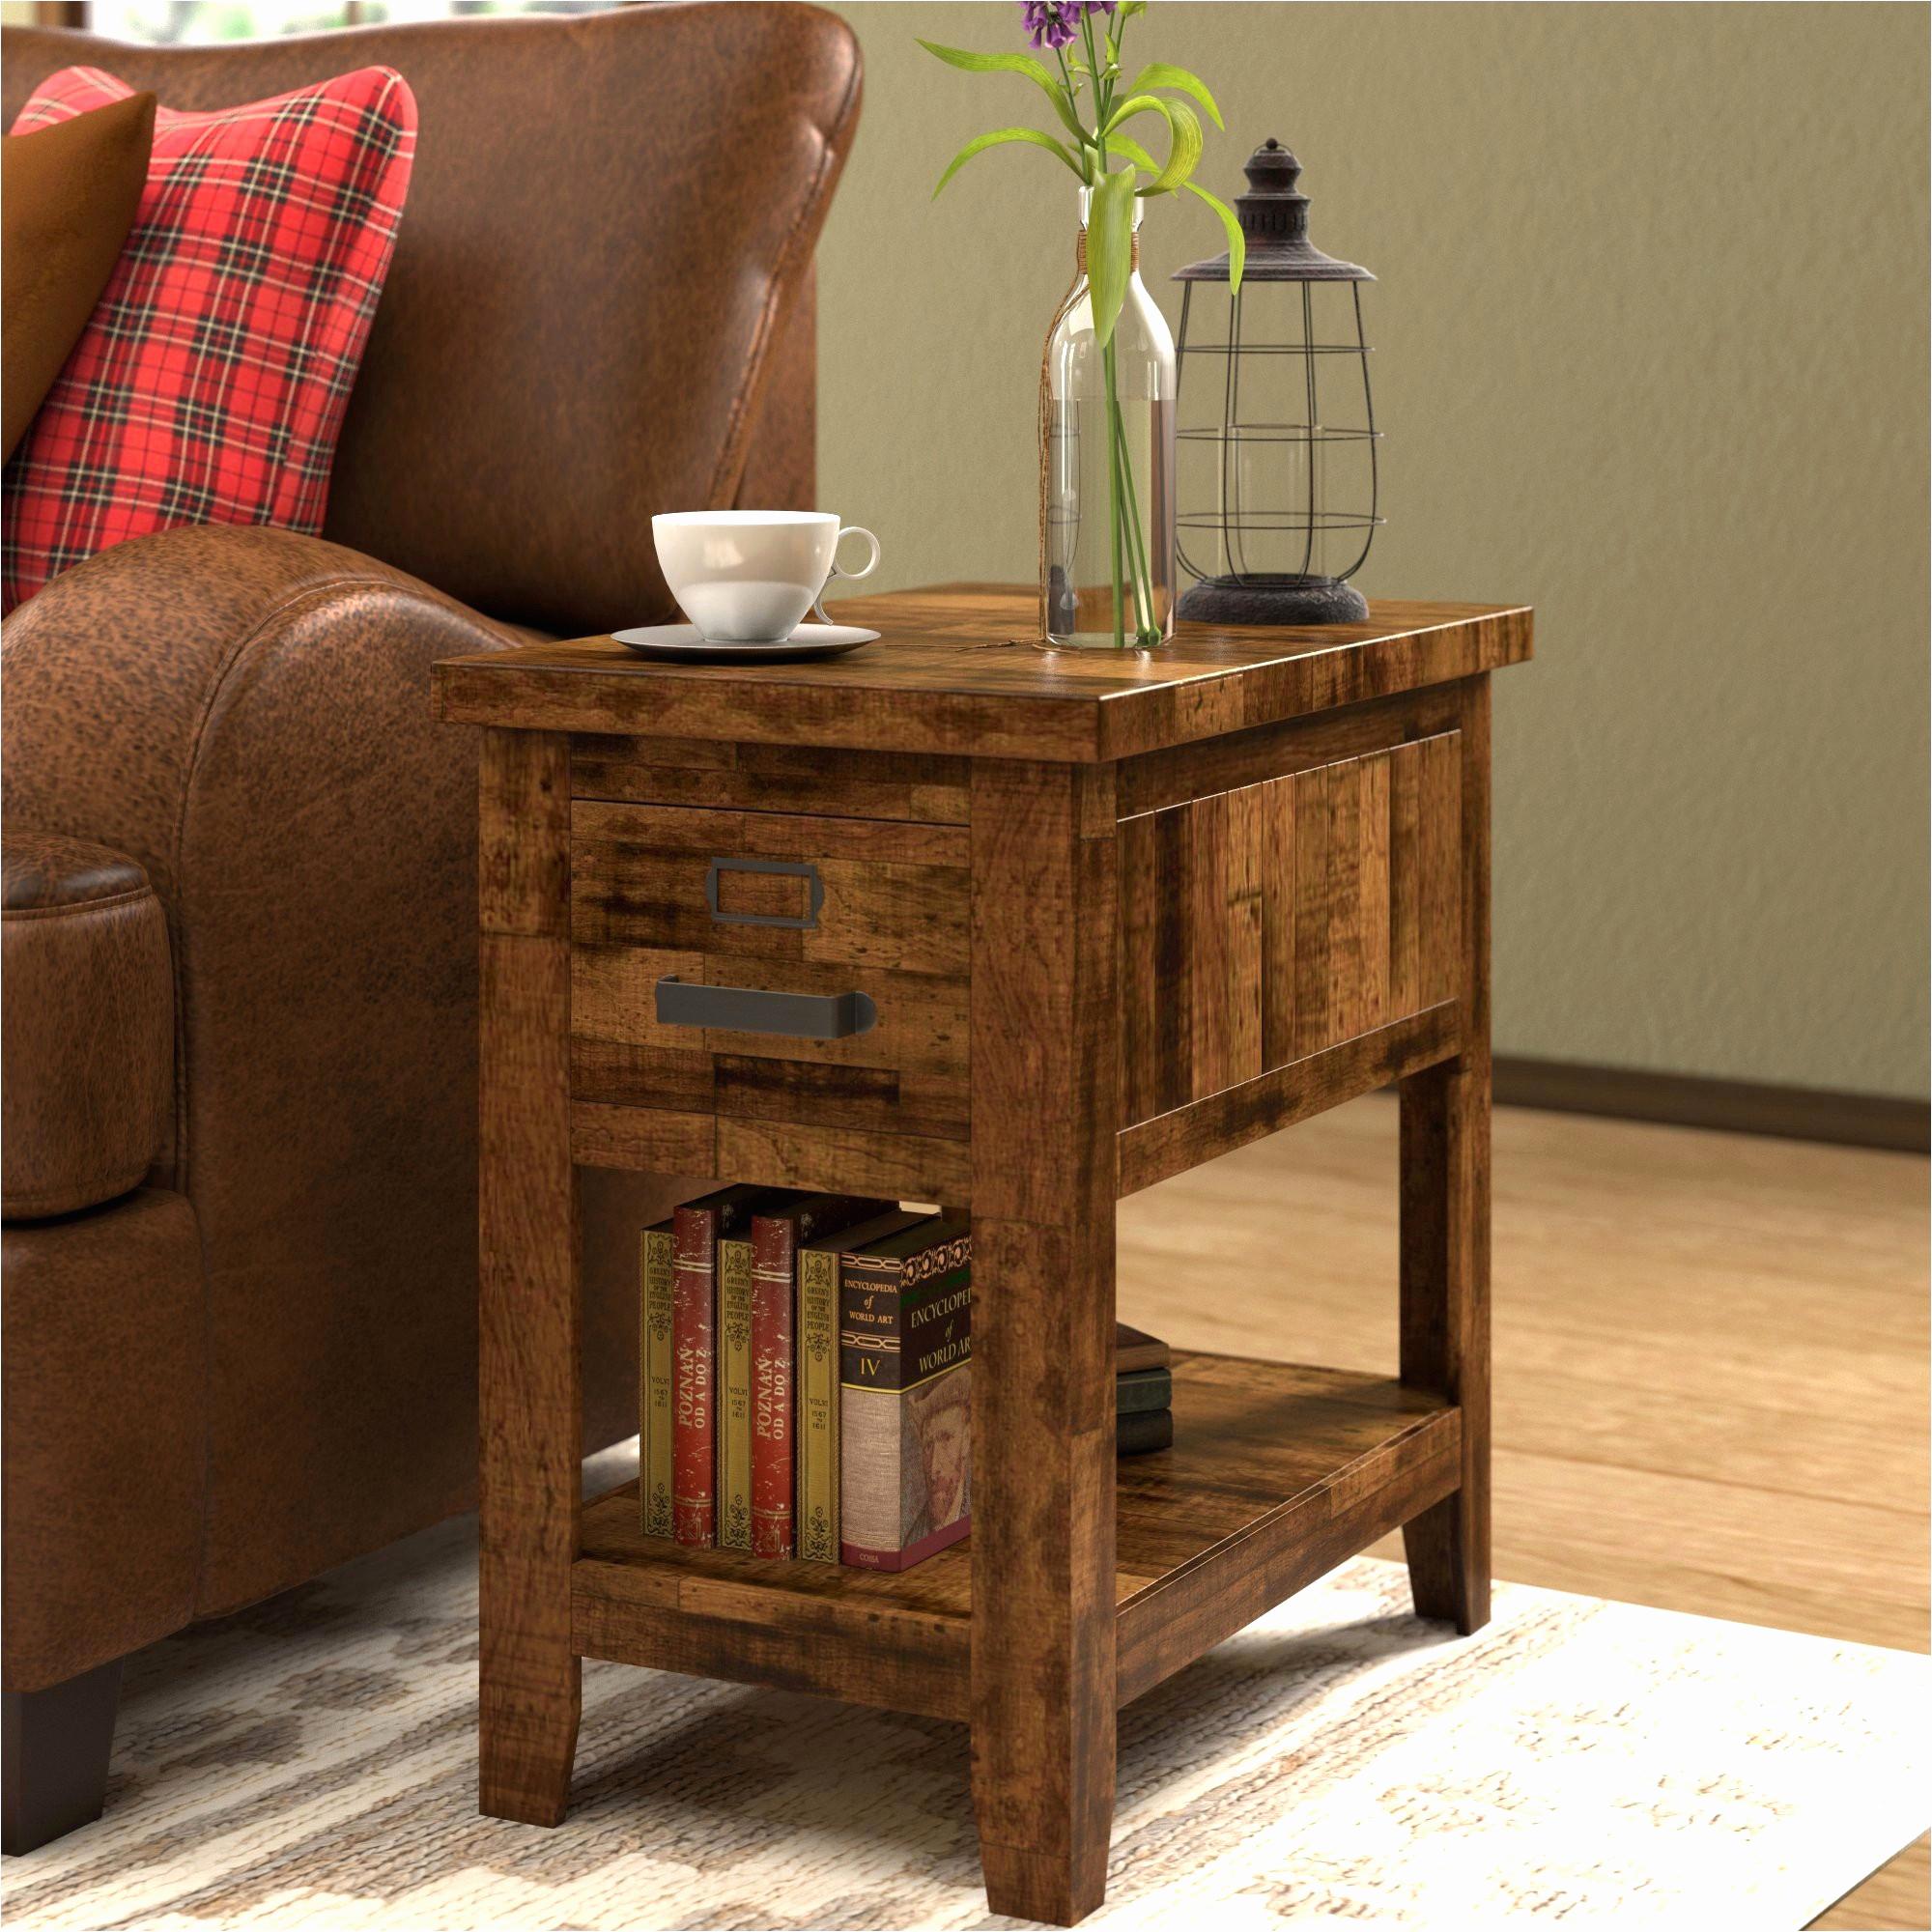 Table Industrielle Ikea Beau Table Bureau Ikea Luxe Table De ... à Table Basse De Jardin Ikea